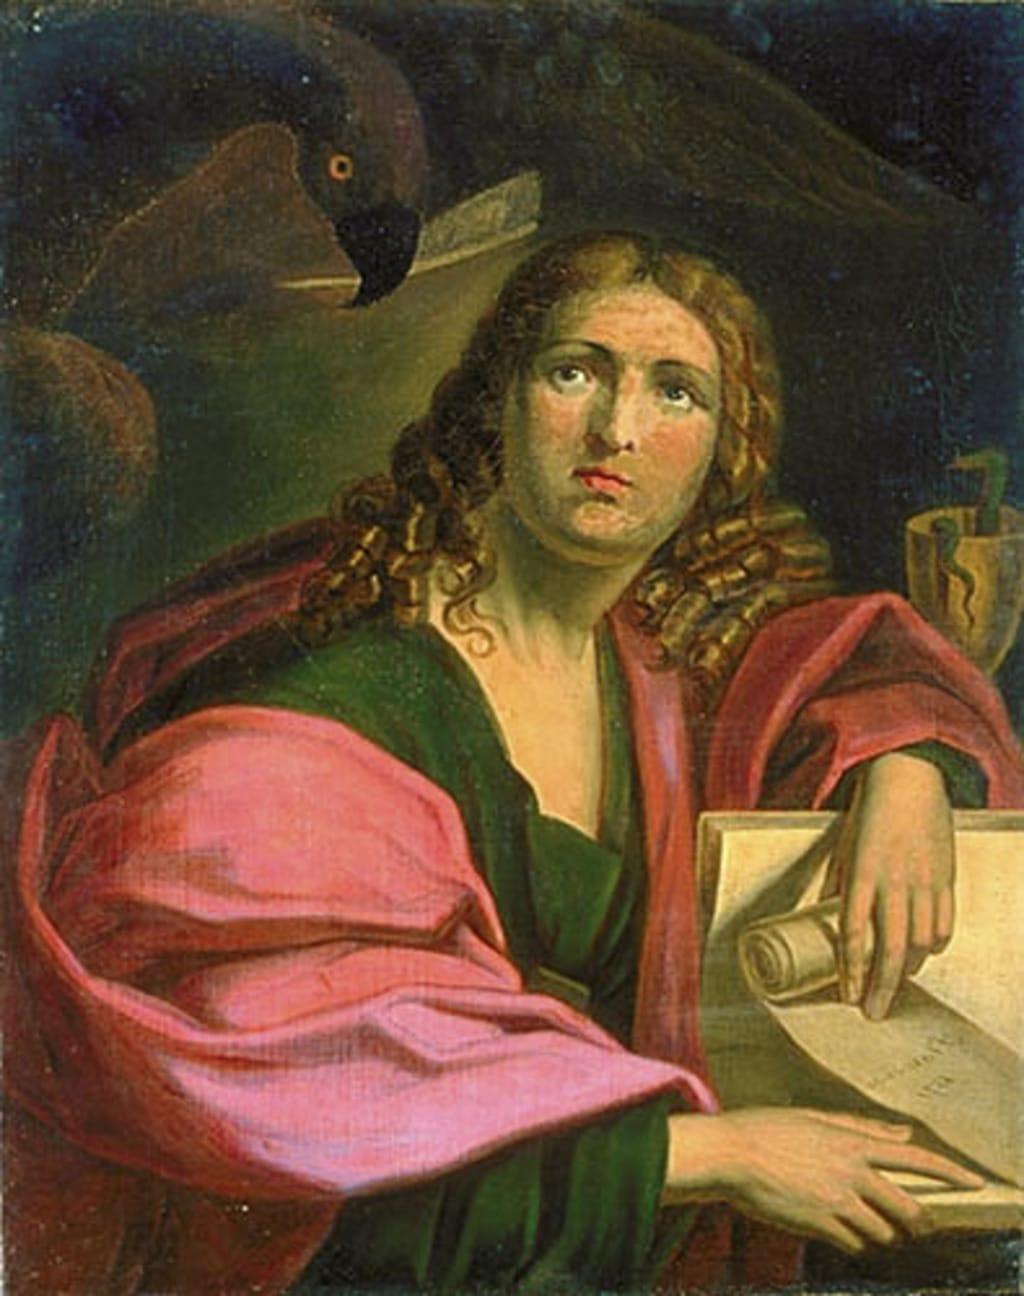 Saint Jean l'Évangéliste